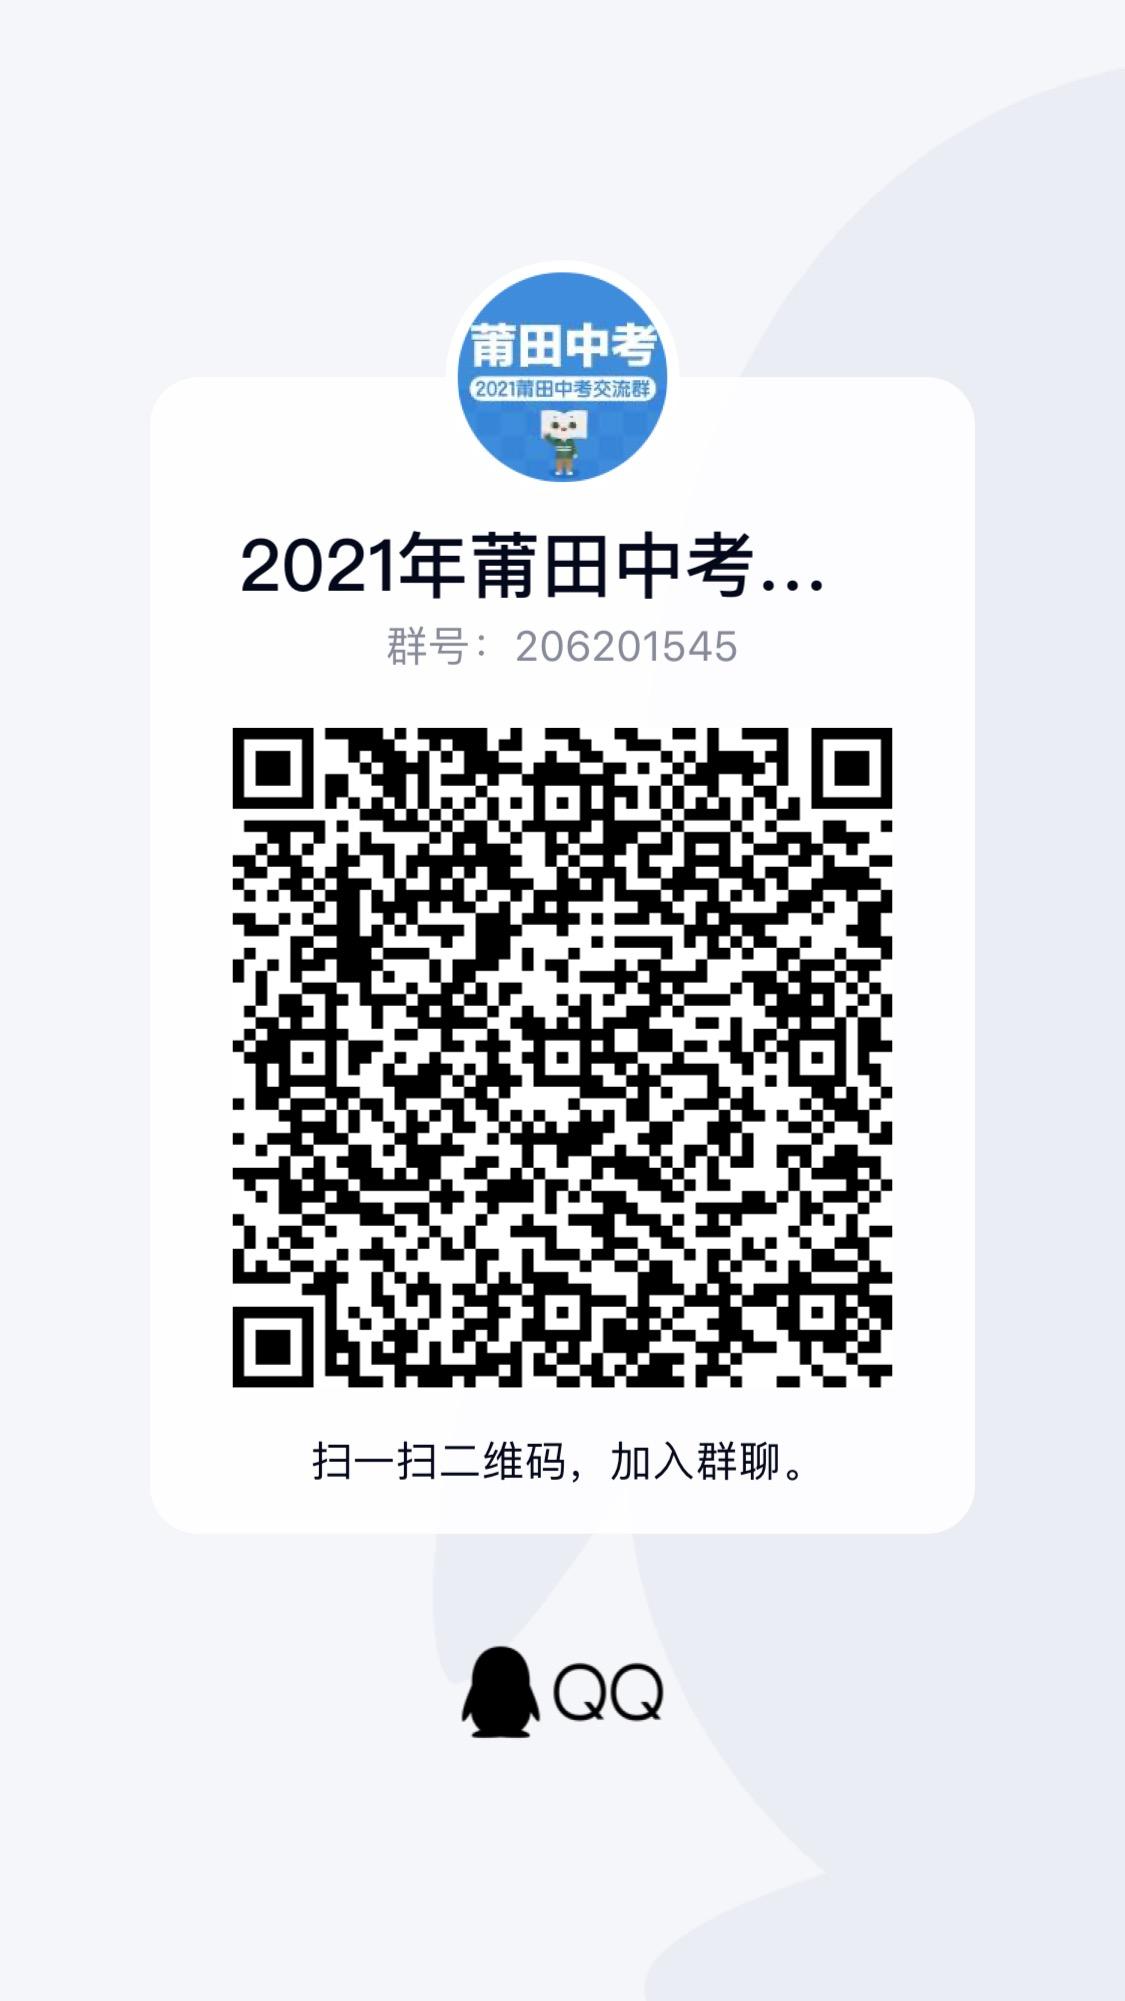 微信图片_20200928155313.jpg